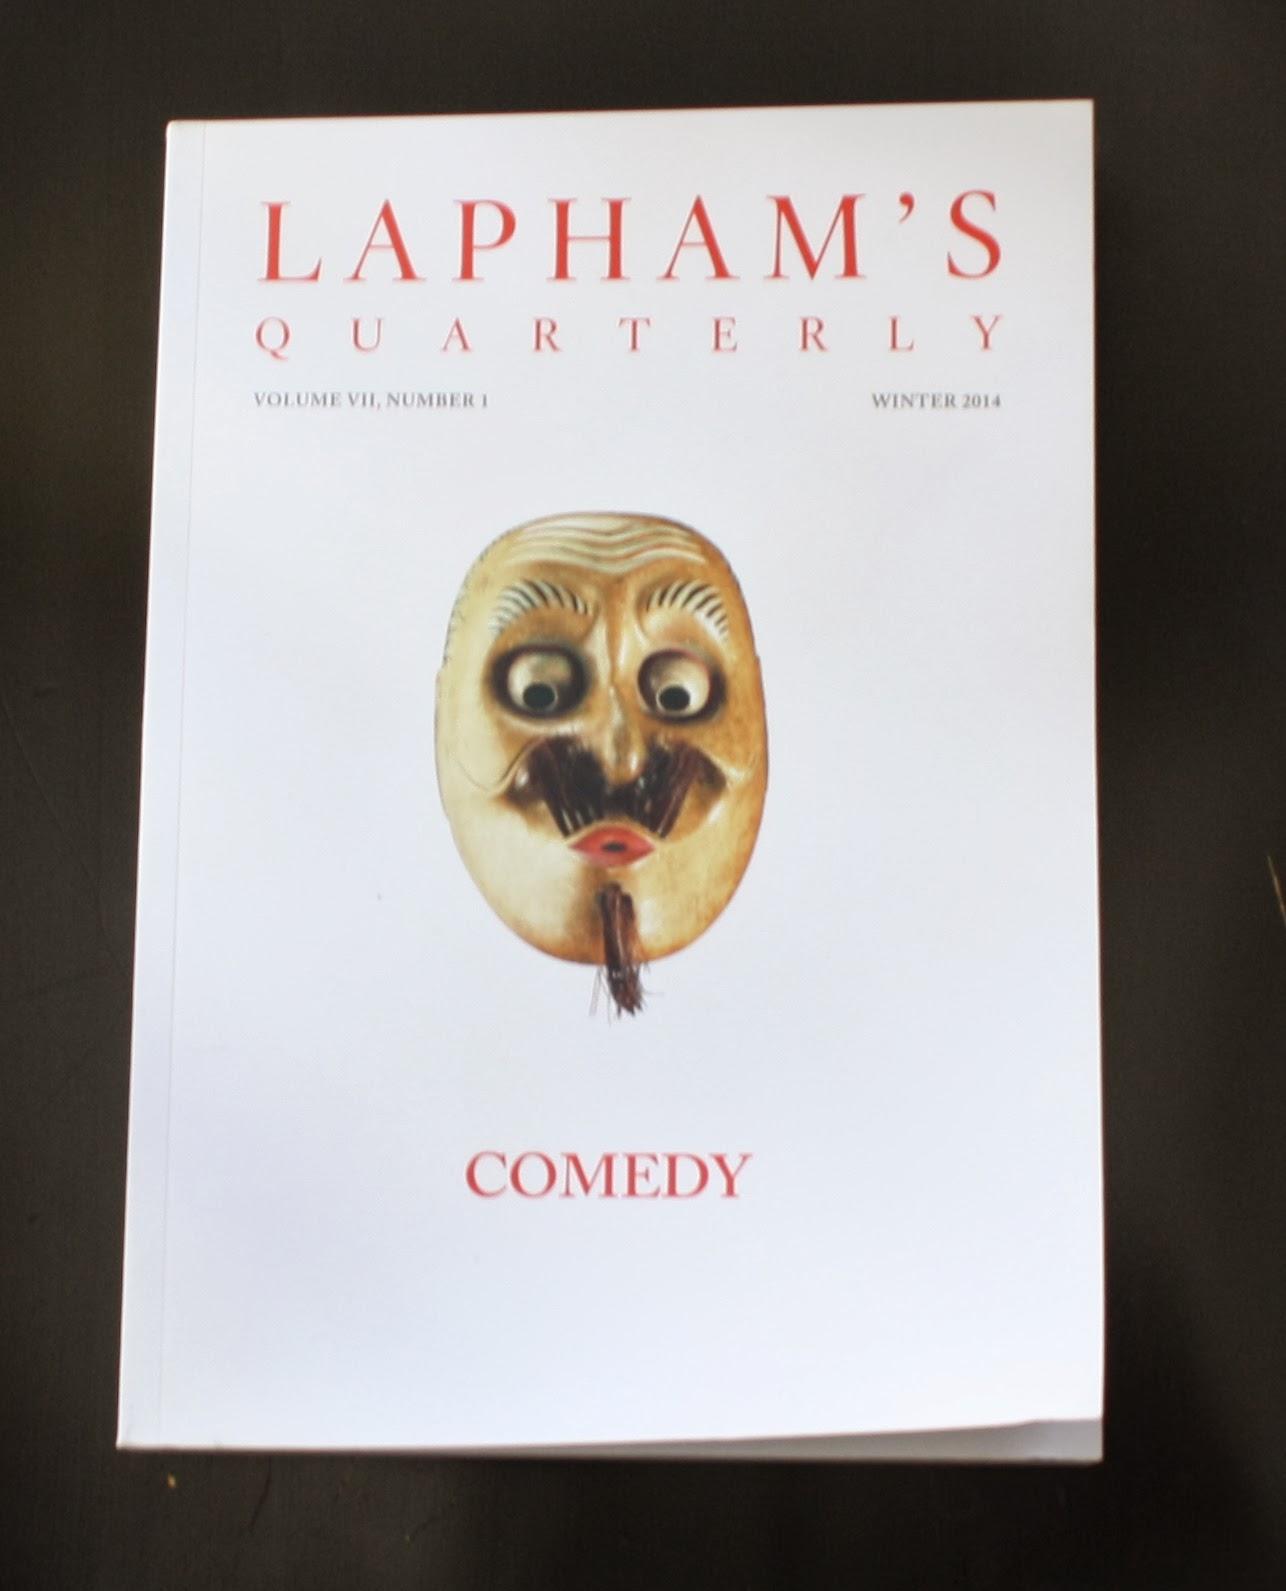 Laphams Quarterly - Comedy